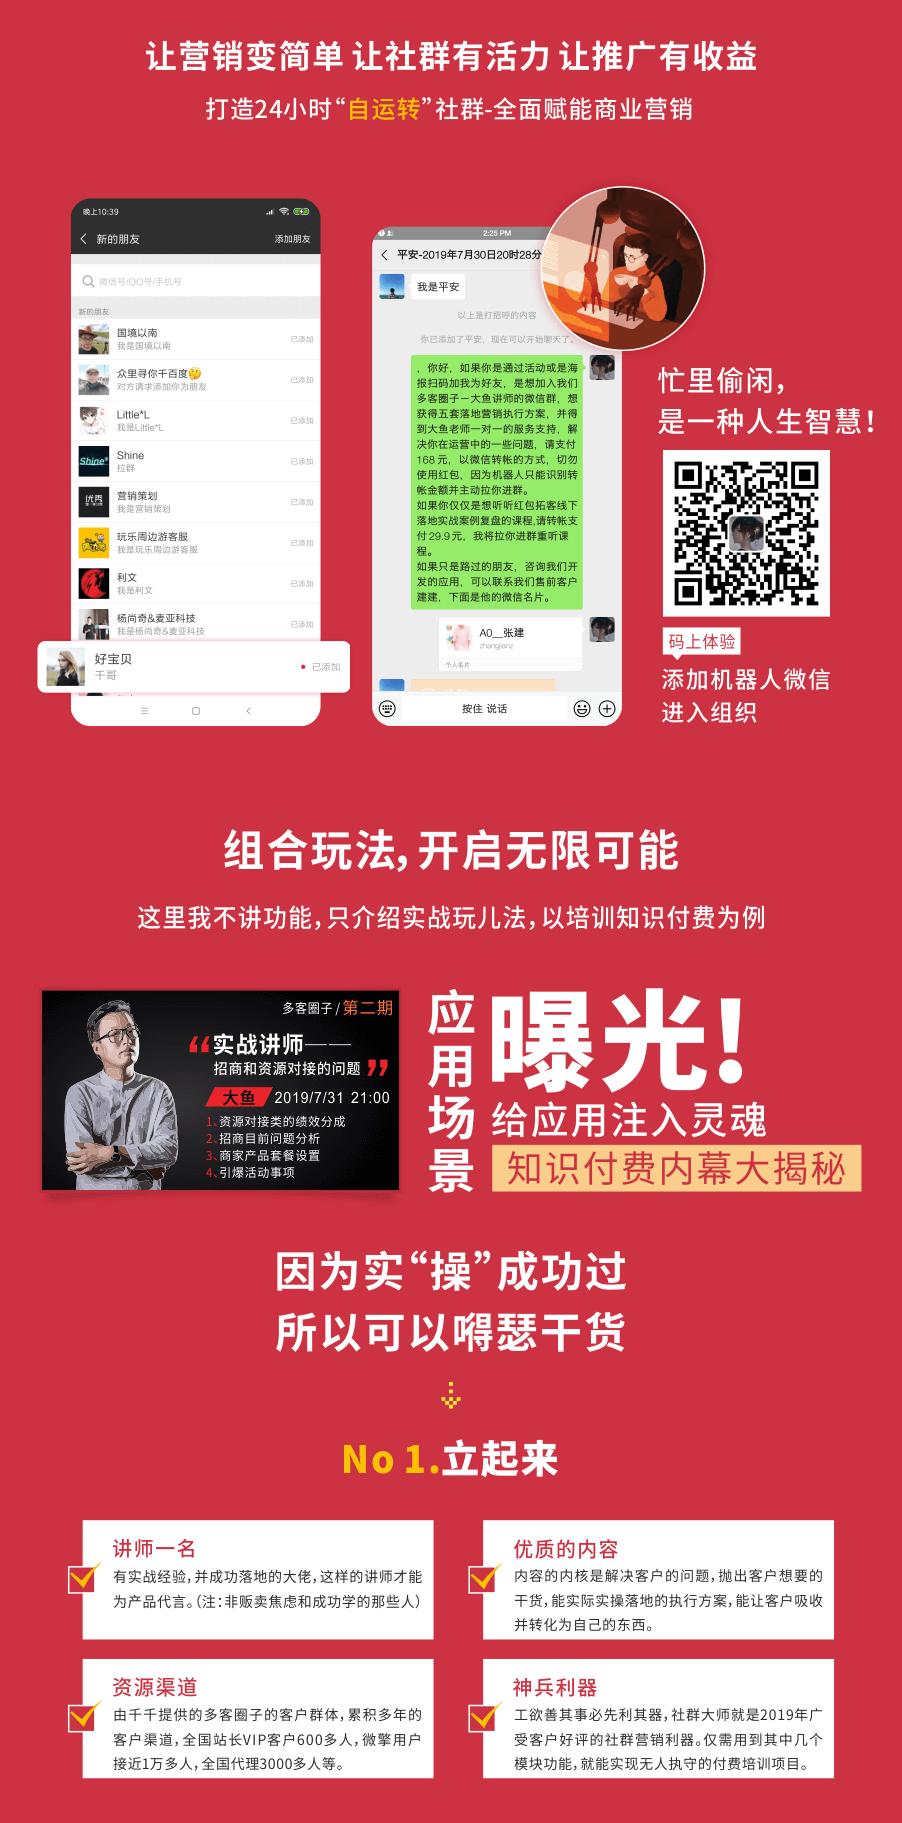 社群大师产品海报_02.png